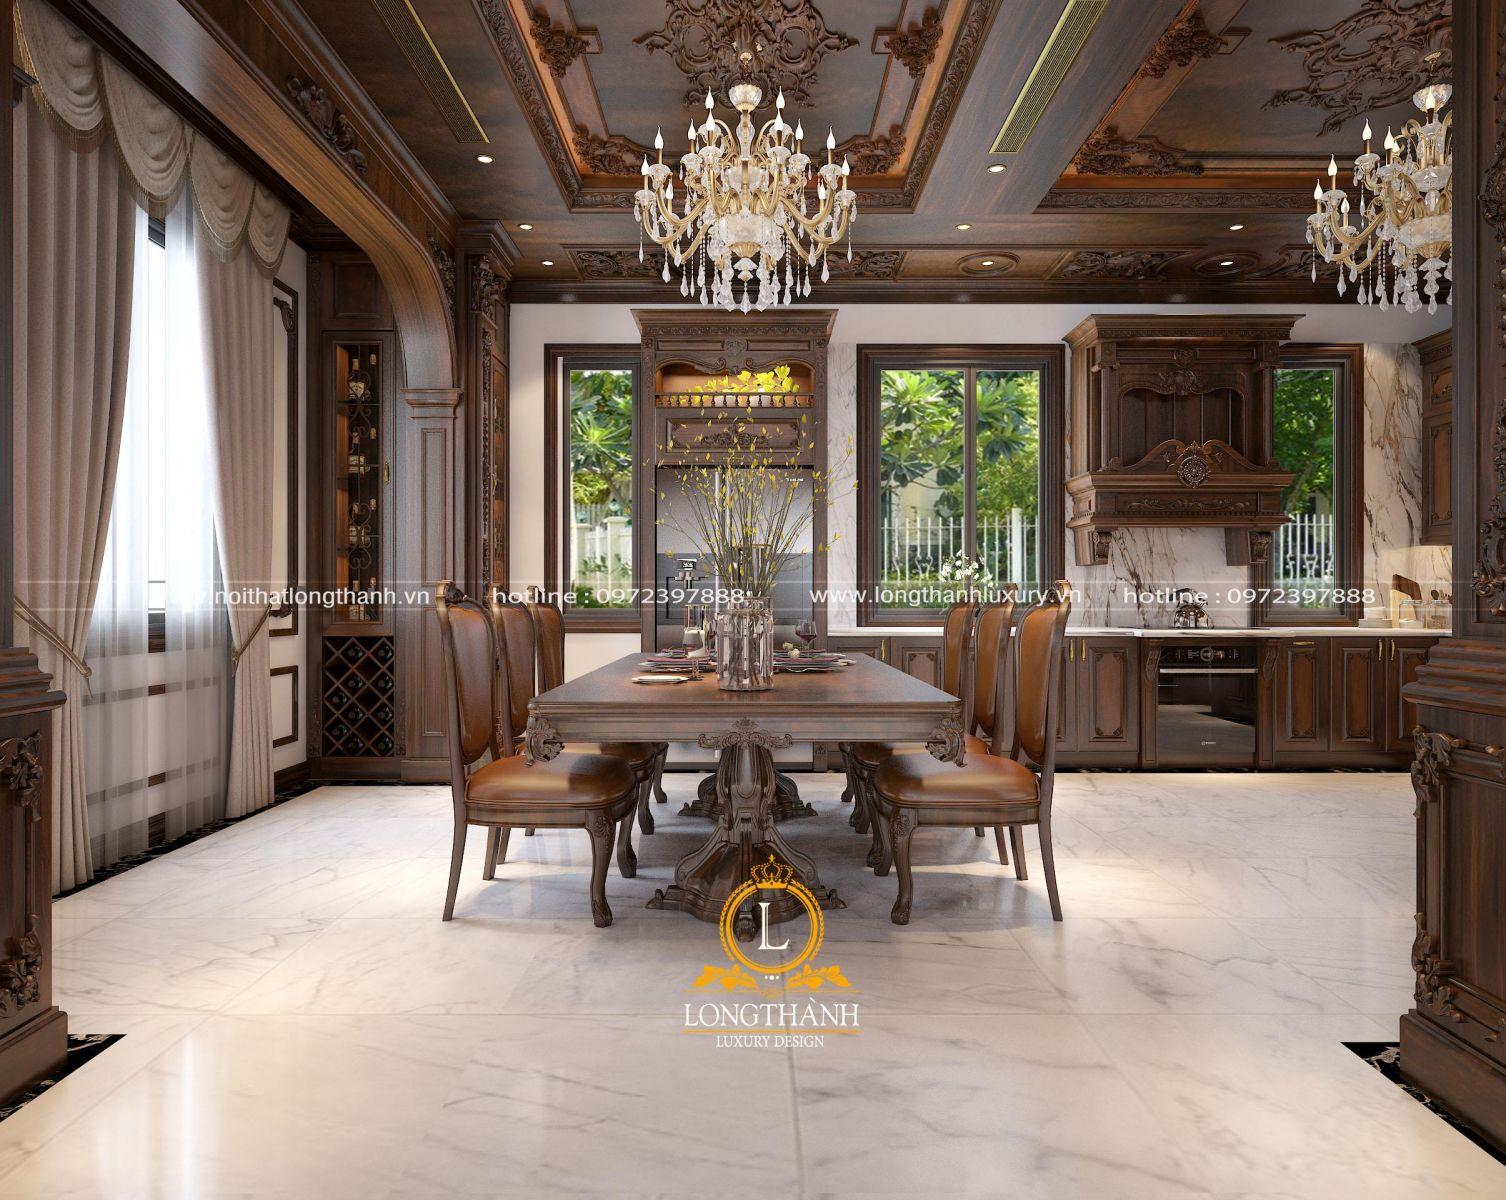 Đèn chùm pha lê làm nổi bật nhiều không gian nội thất Tân cổ điển Long Thành